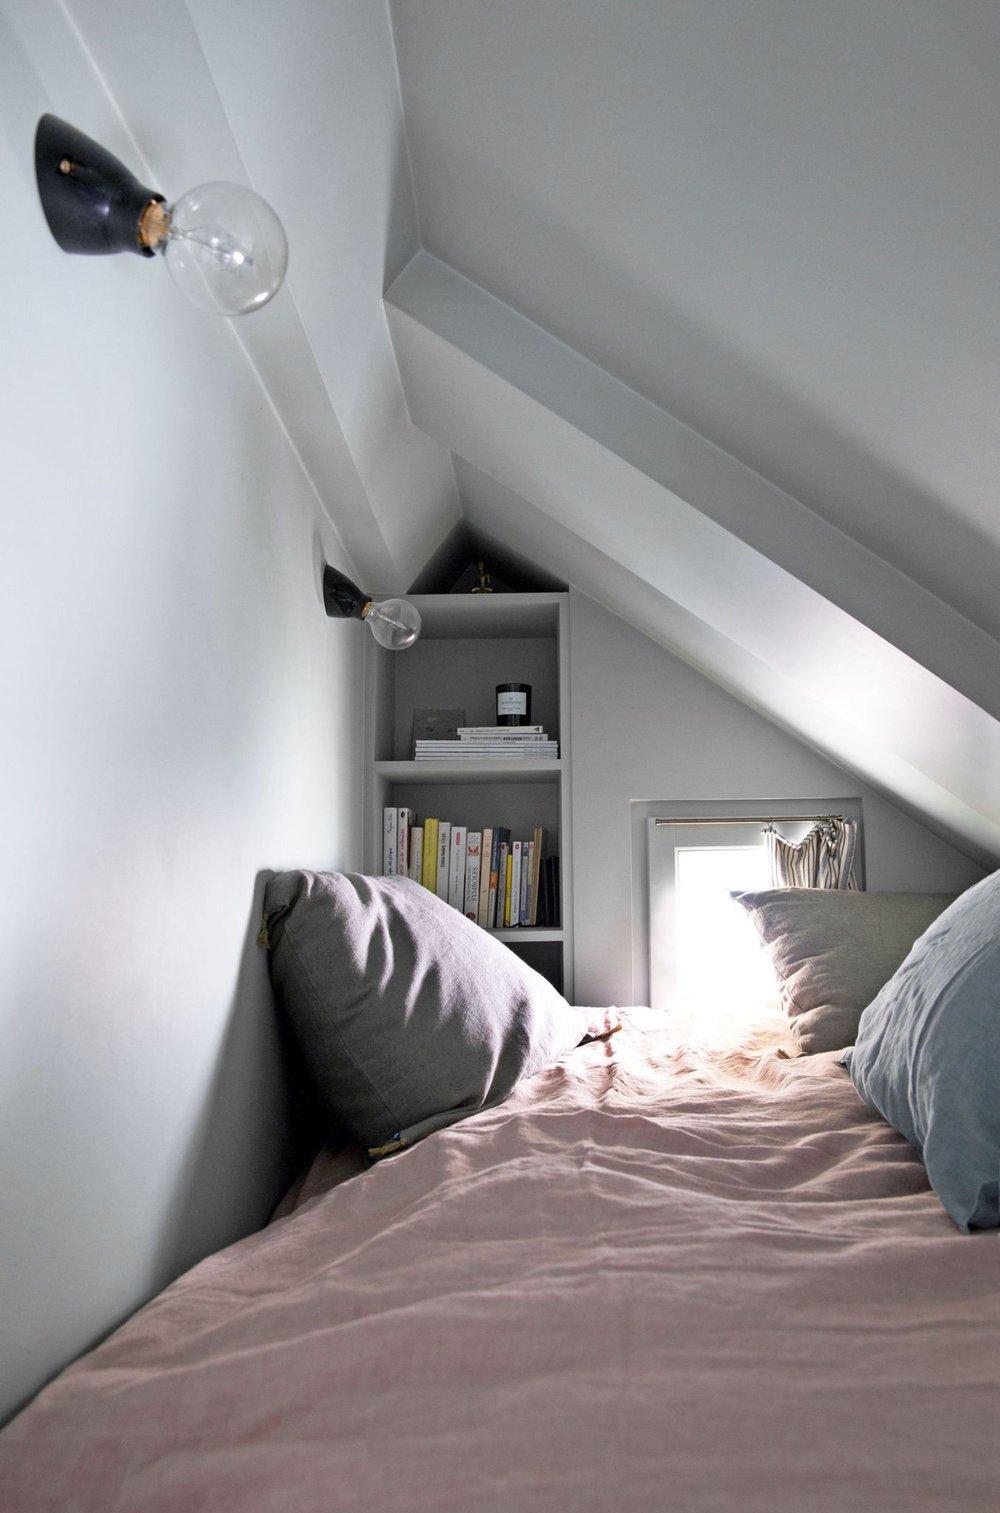 hometour-kc-le-coin-nuit-perche-du-petit-appartement-parisien_6019236.jpg